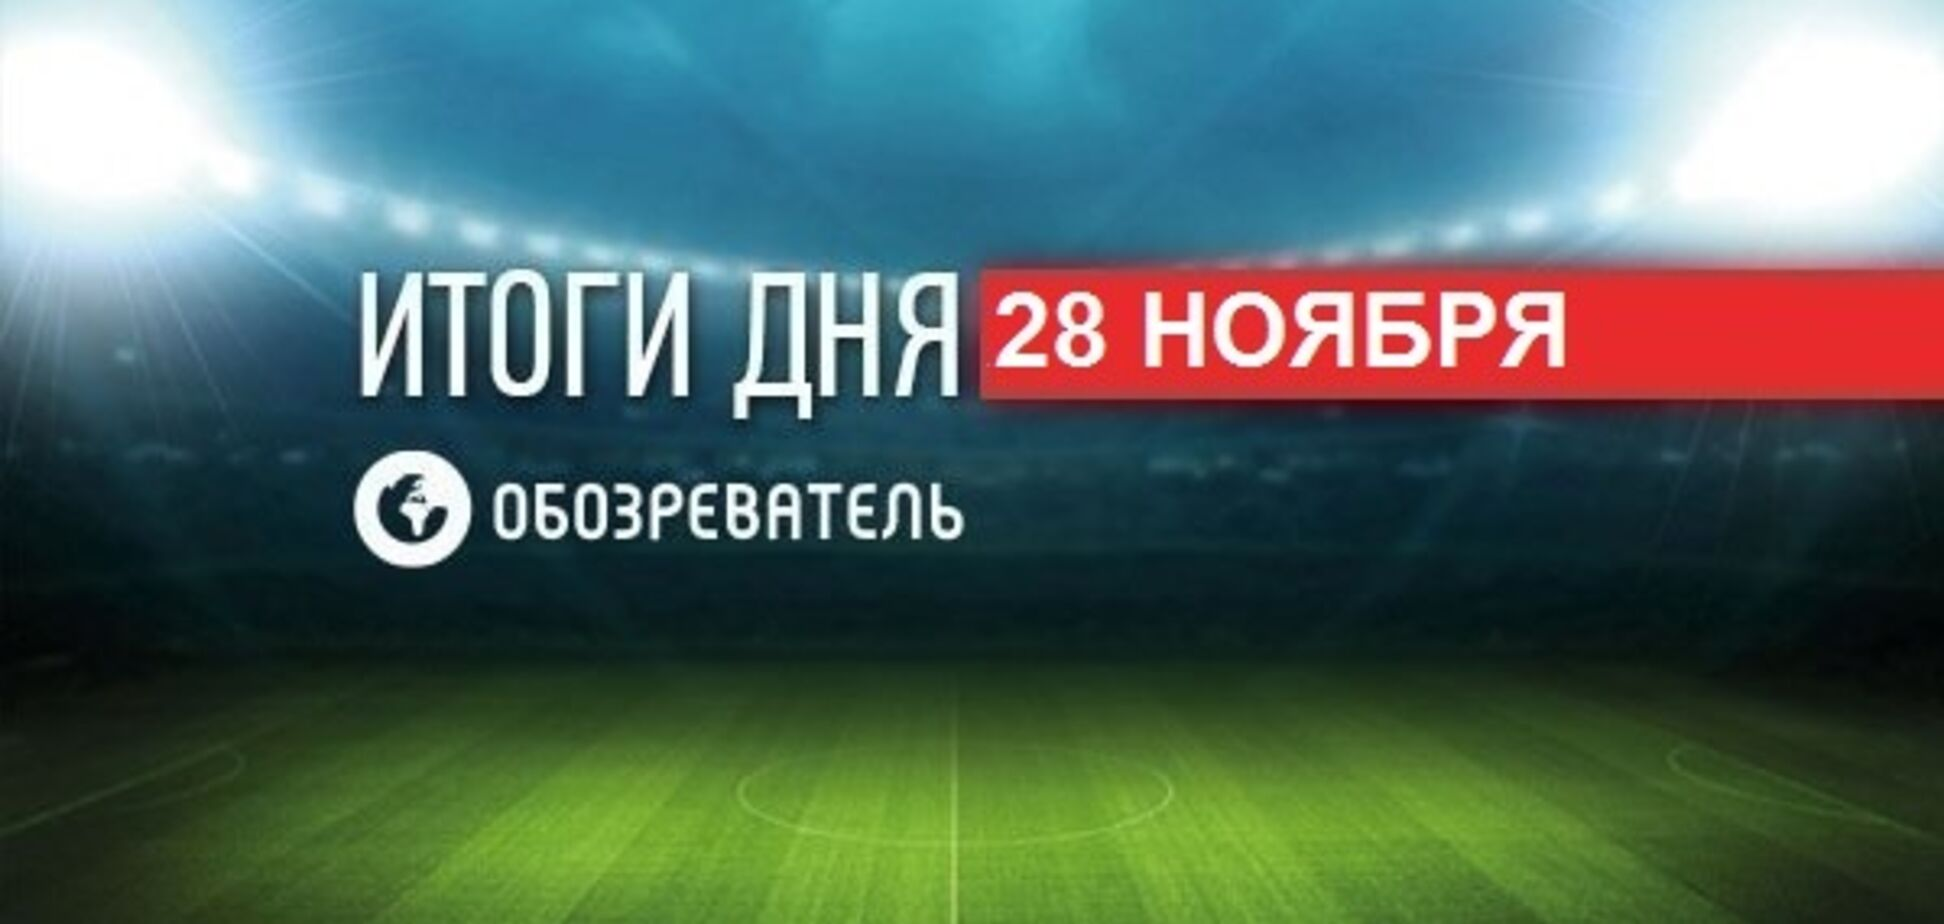 'Динамо' програло в Лізі Європи, пропустивши на 96-й хвилині: спортивні підсумки 28 листопада